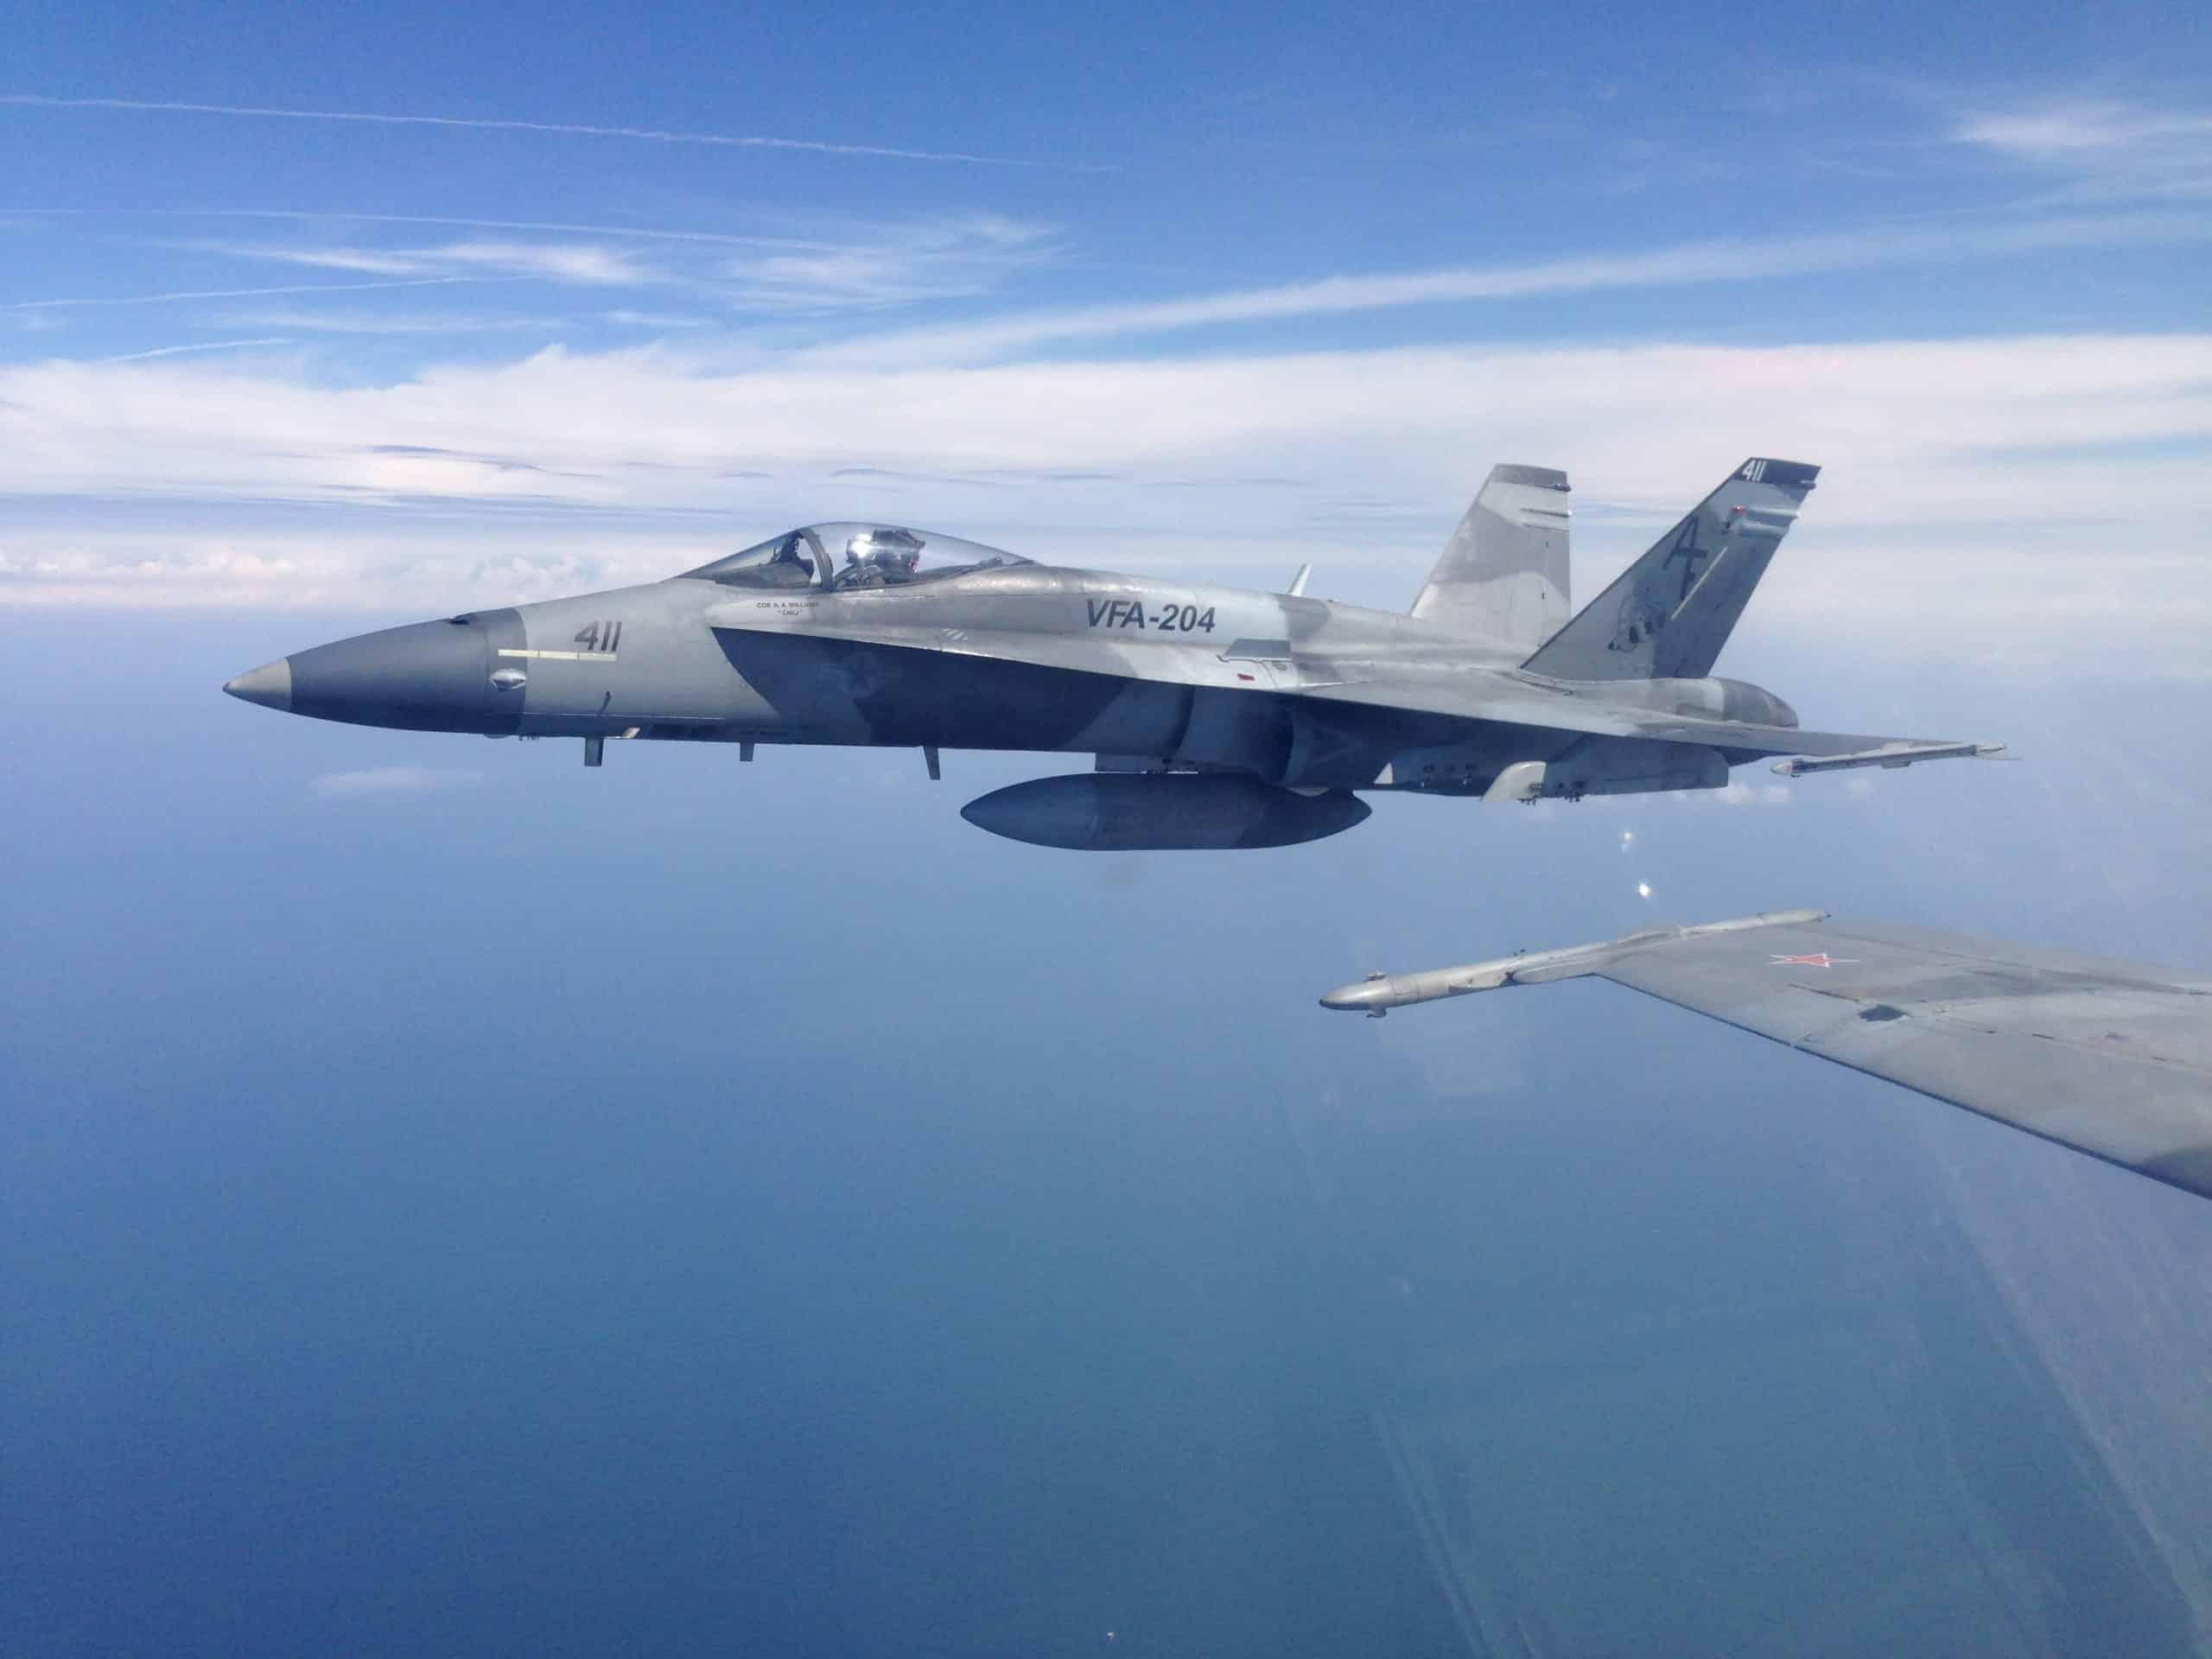 Пара Boeing F/A-18A + Hornet у повітряному просторі над Мексиканською затокою.